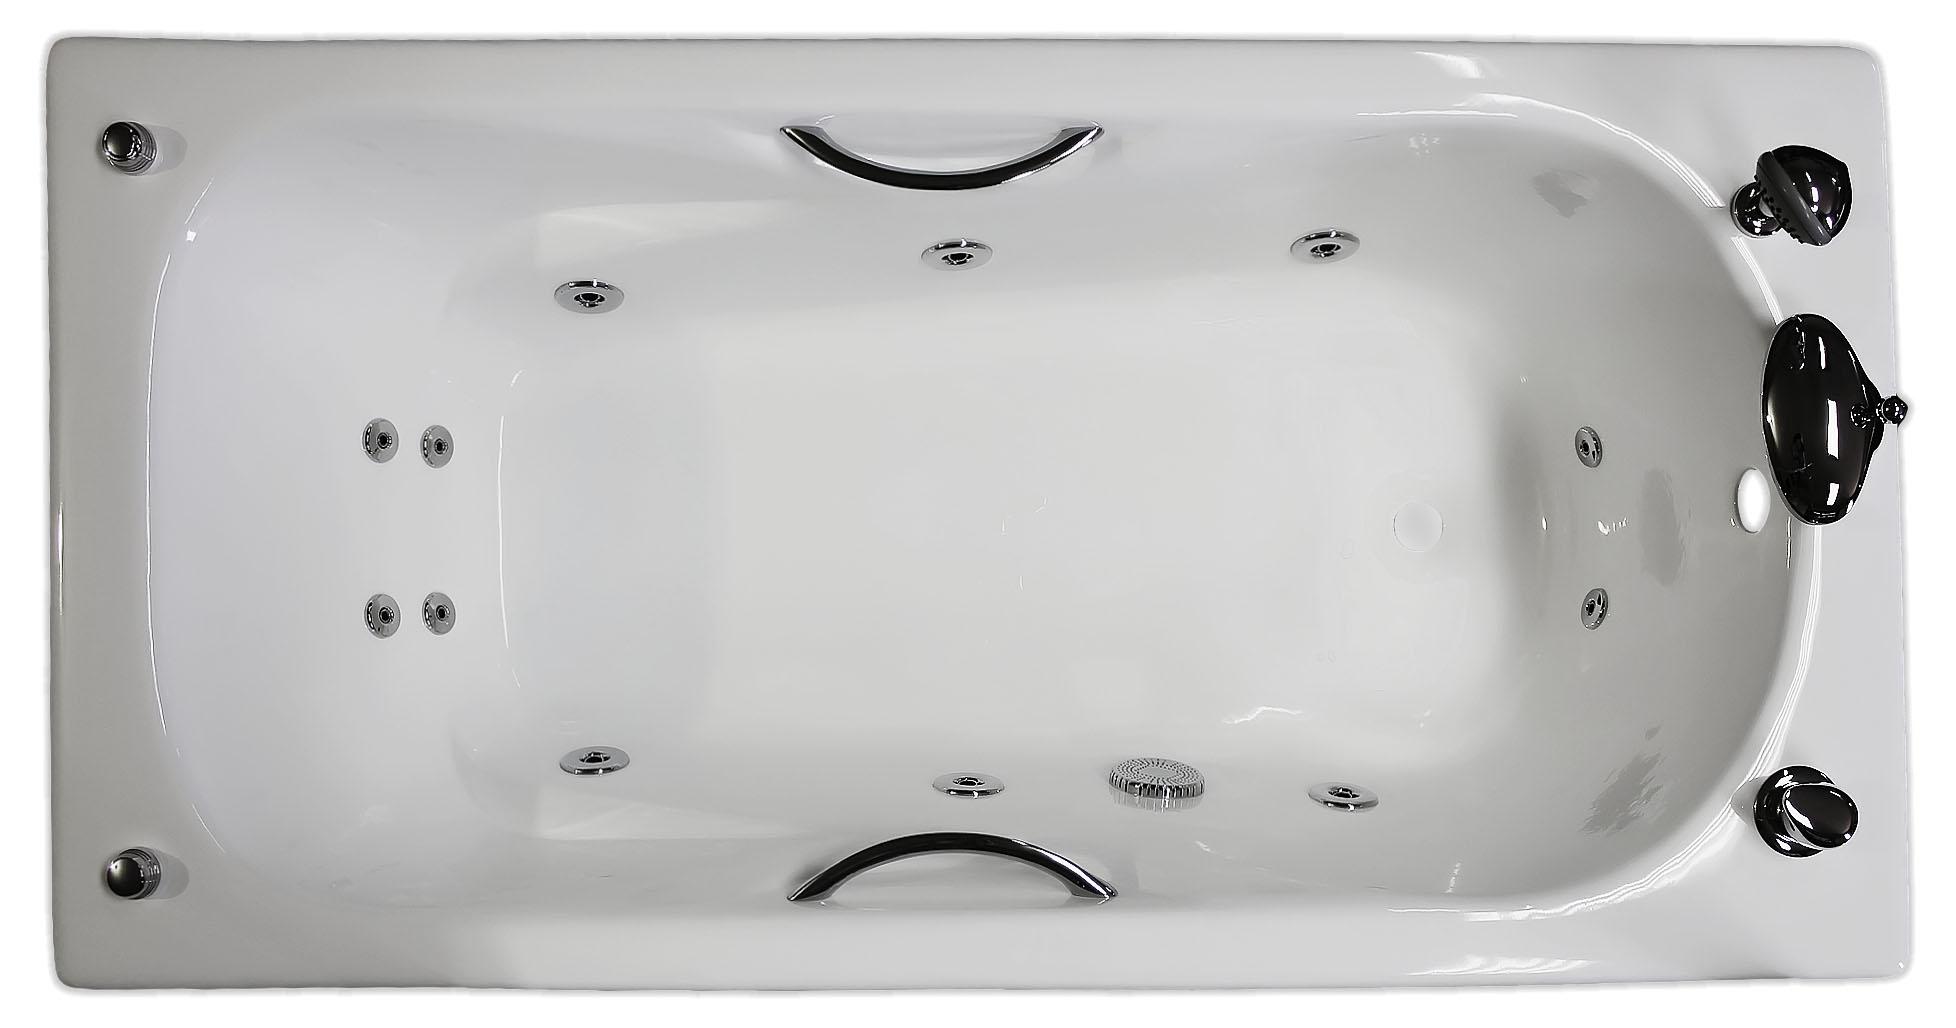 Ванна Artex Mali 150x75 без гидромассажа